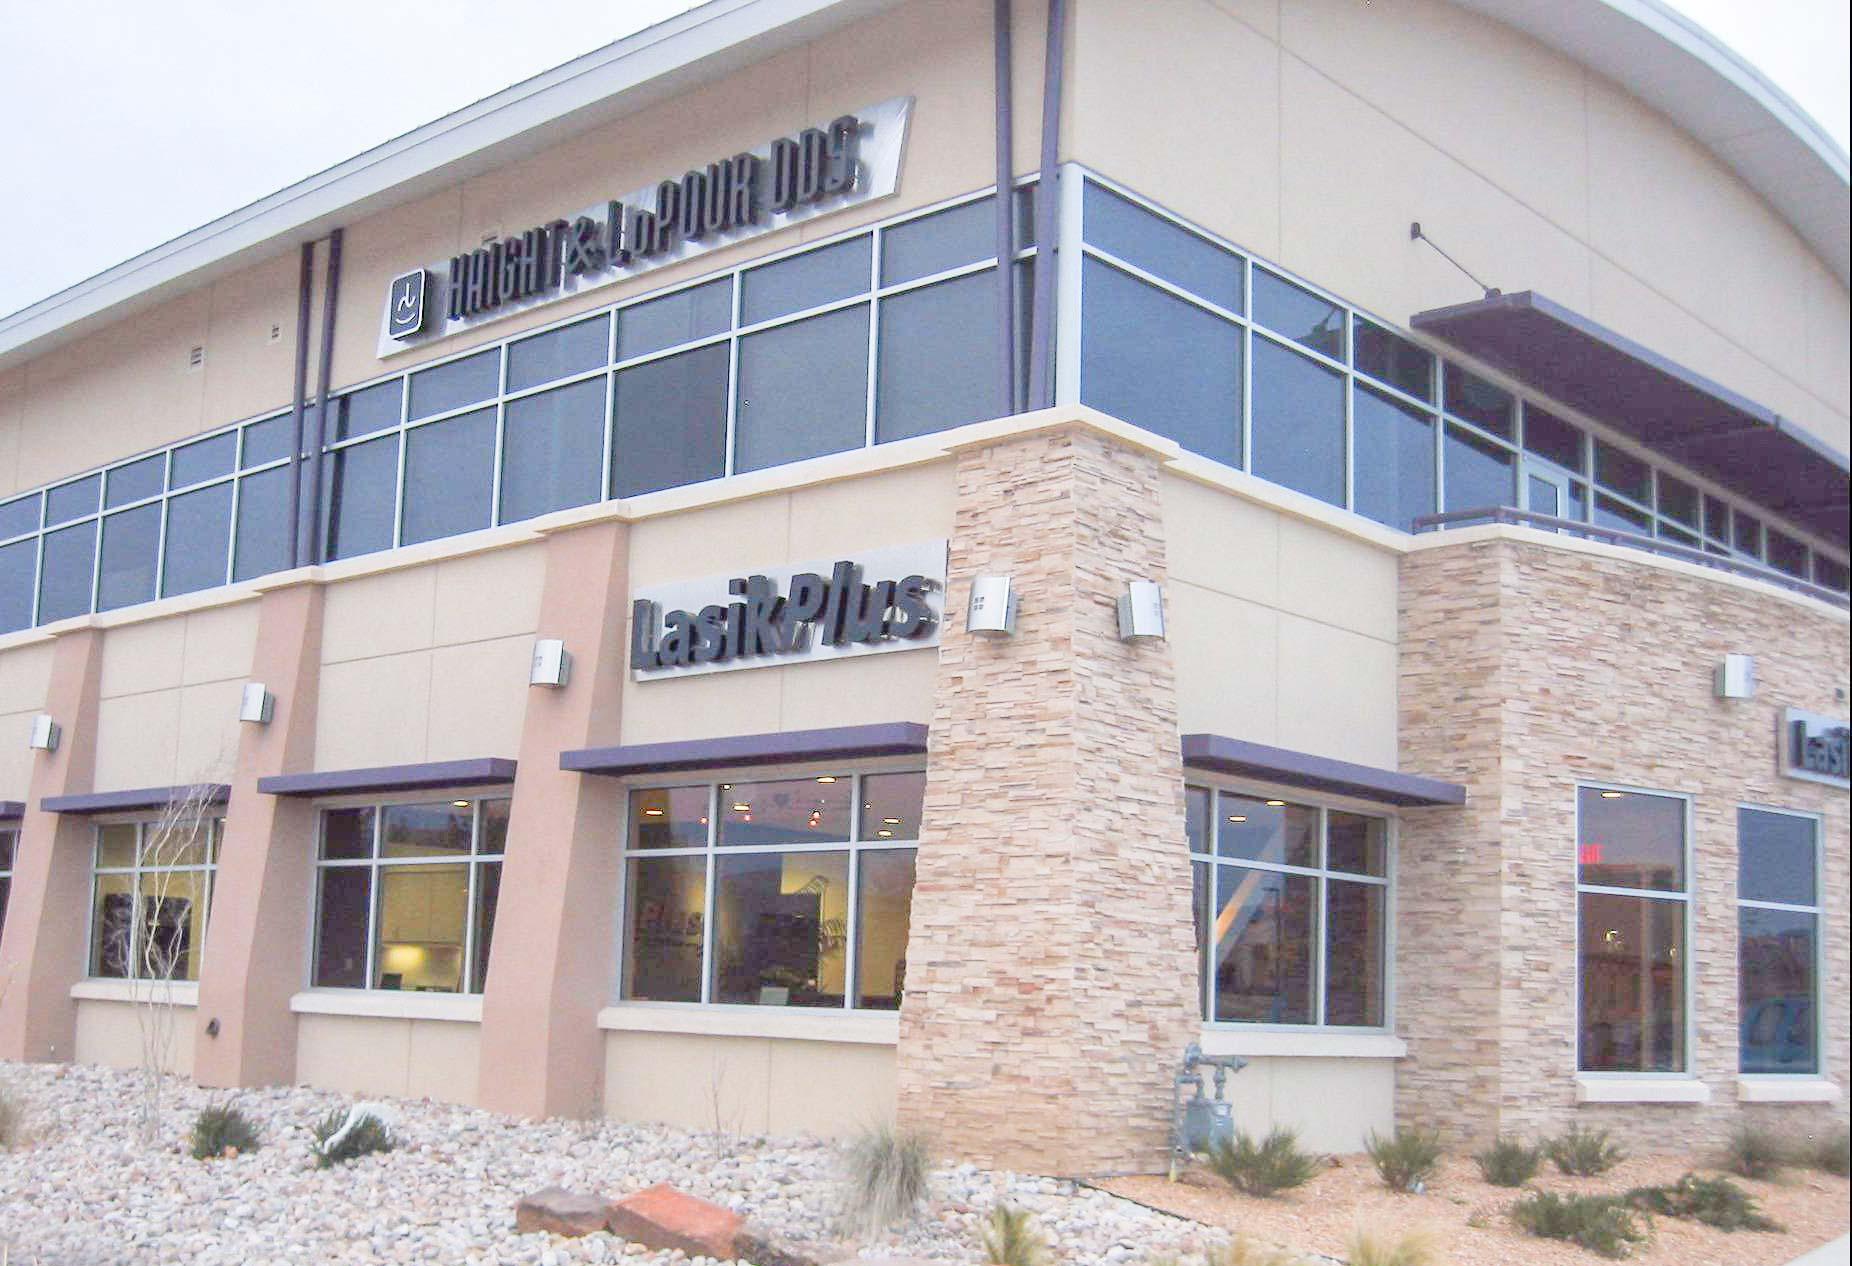 LasikPlus - Albuquerque, NM